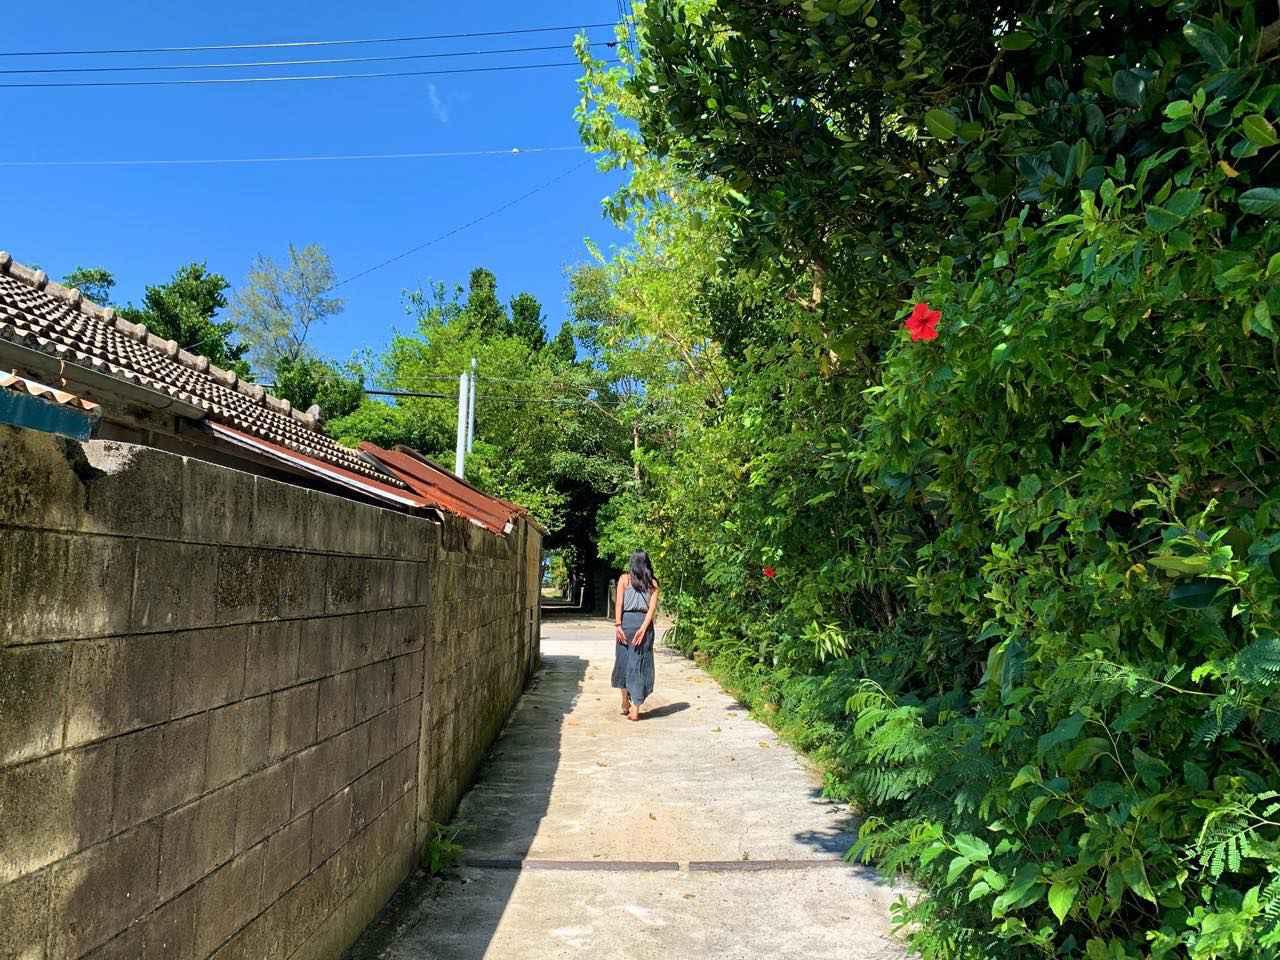 画像2: 穏やかな秋風の季節には沖縄本島北部へ。コロナ禍でも営業を続ける各地の取り組みをレポート